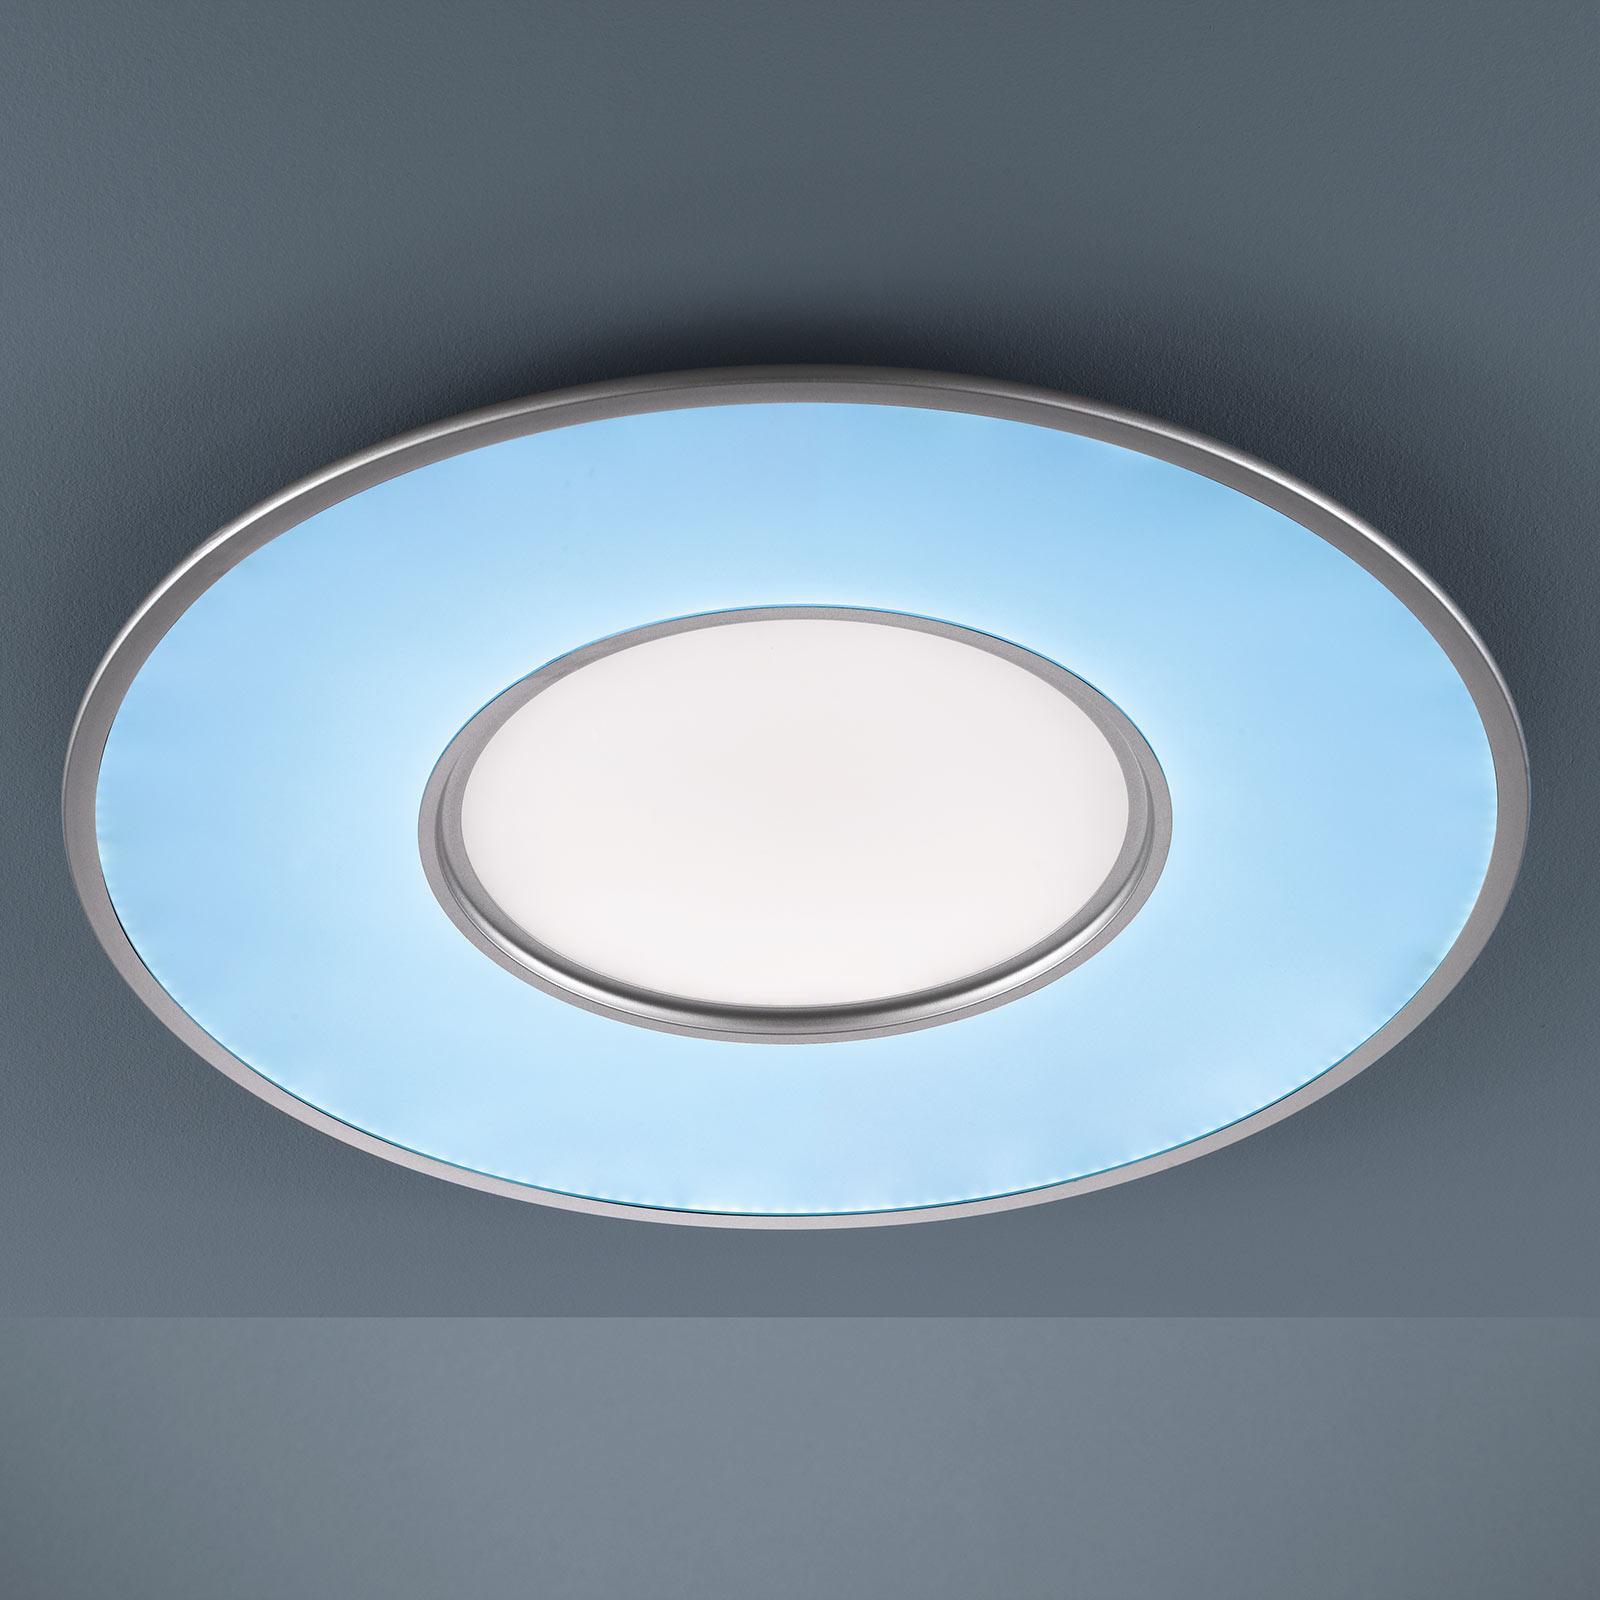 LED-Deckenleuchte Mia mit CCT und Fernbedienung